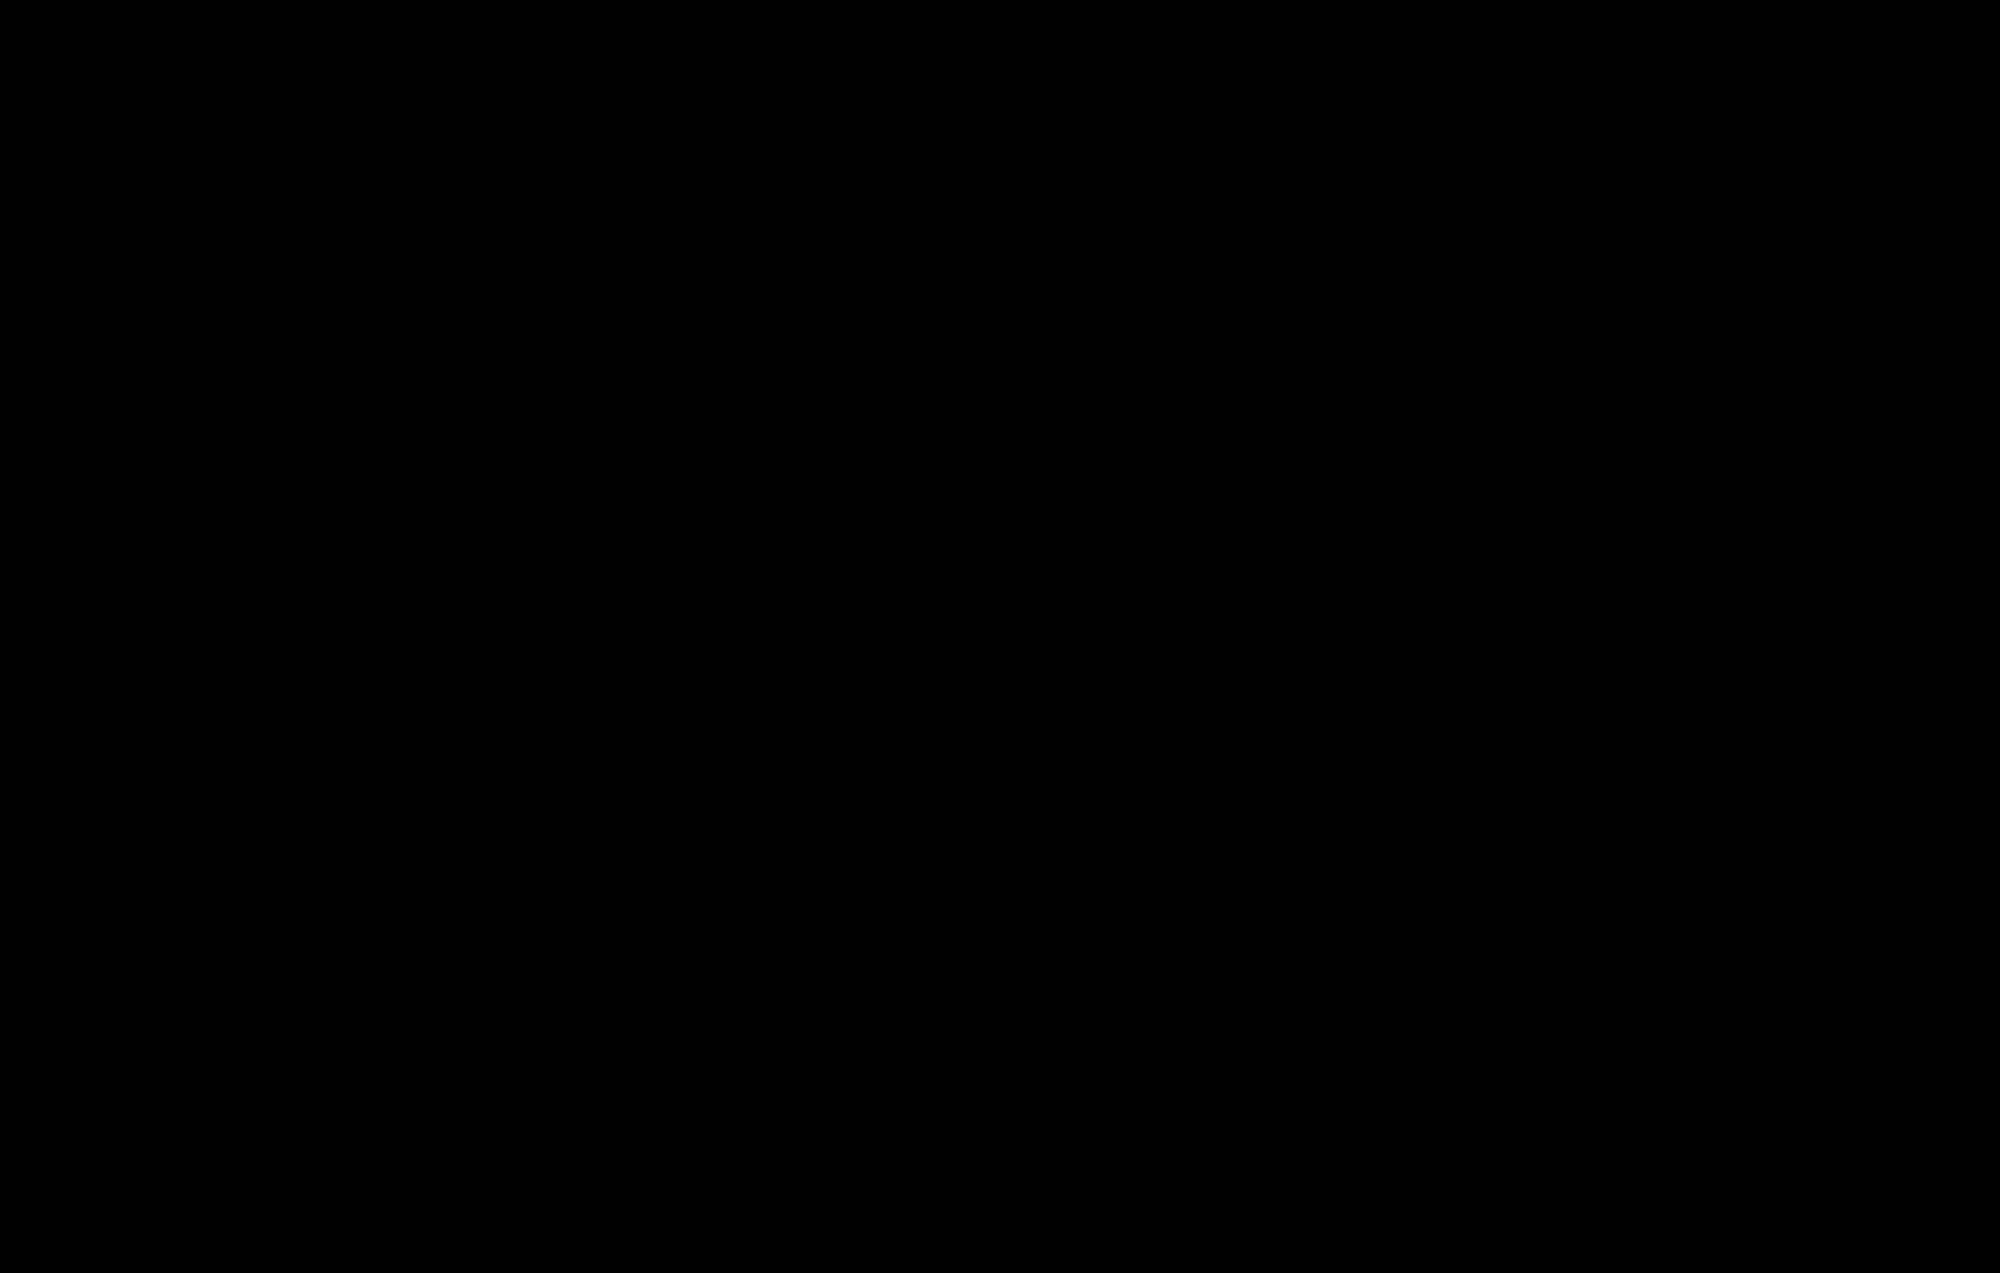 File general svg wikimedia. Square clipart quadrilateral shape